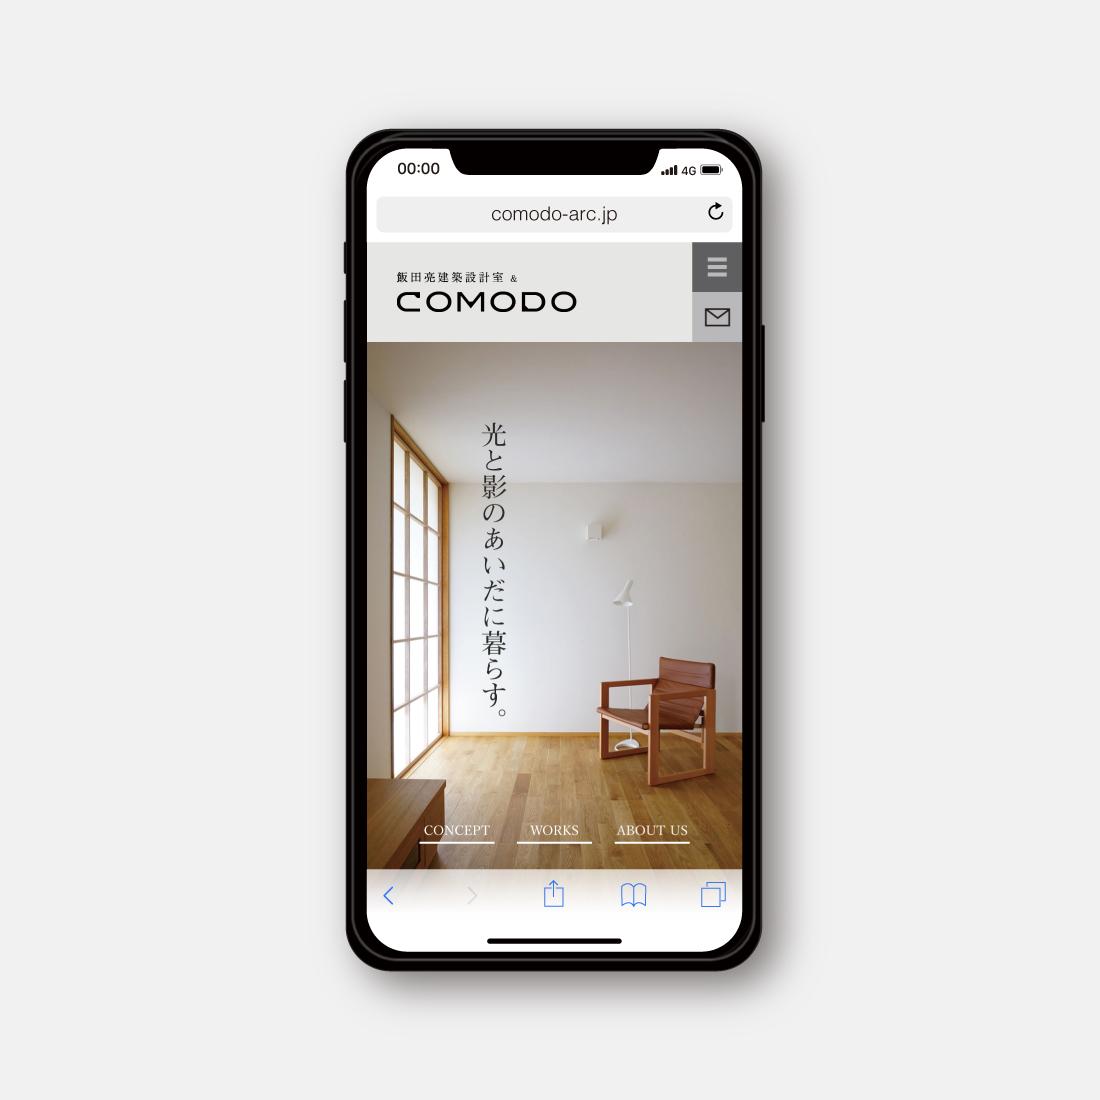 モバイルのトップページ